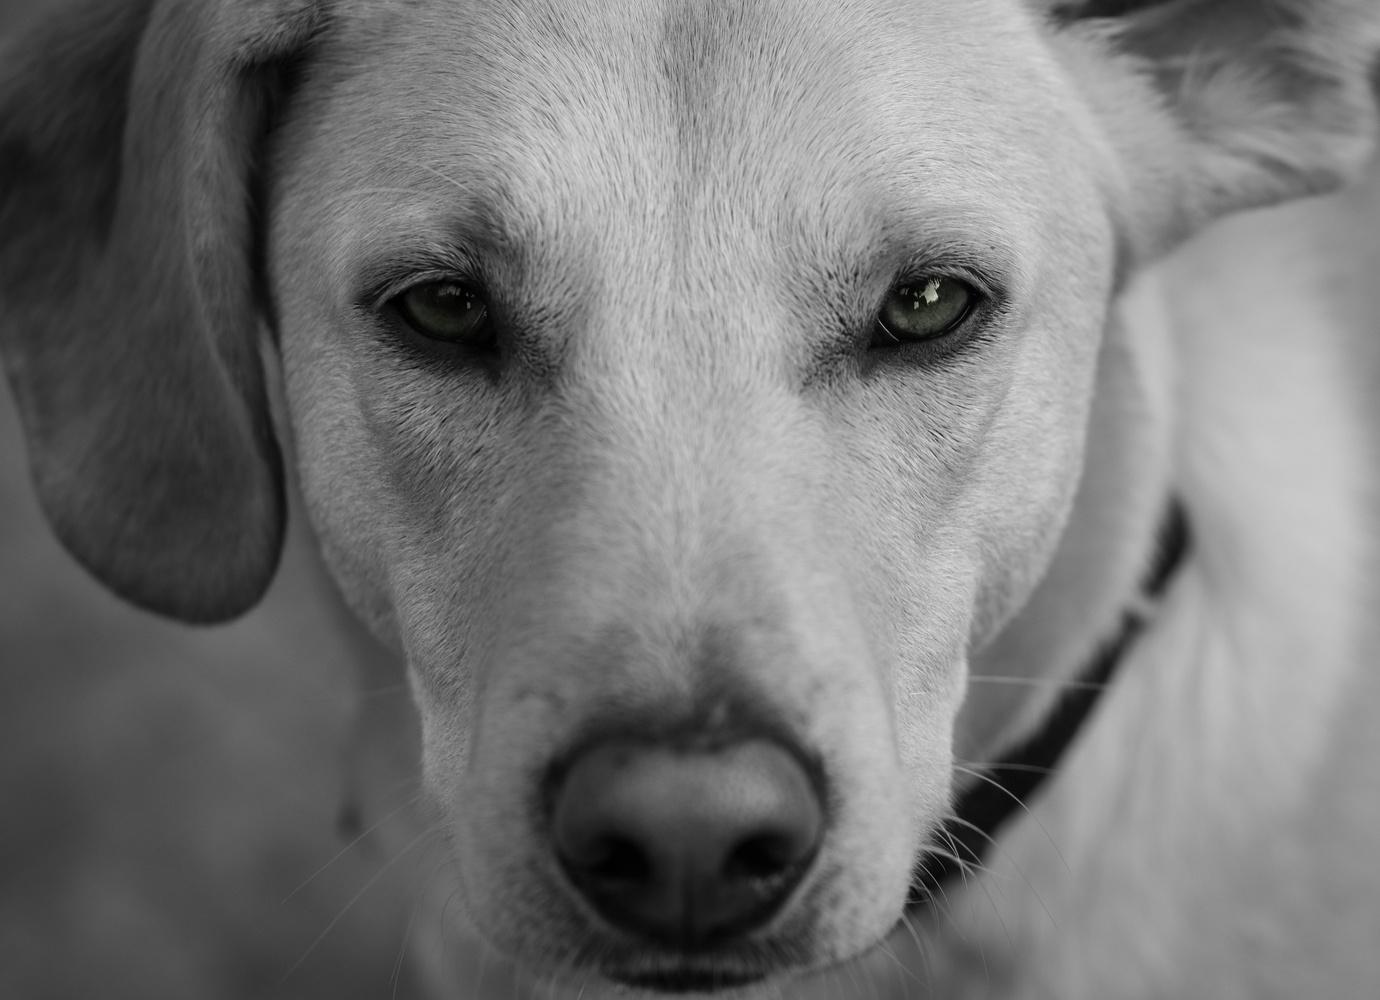 Charming Dog by Alek Mantz